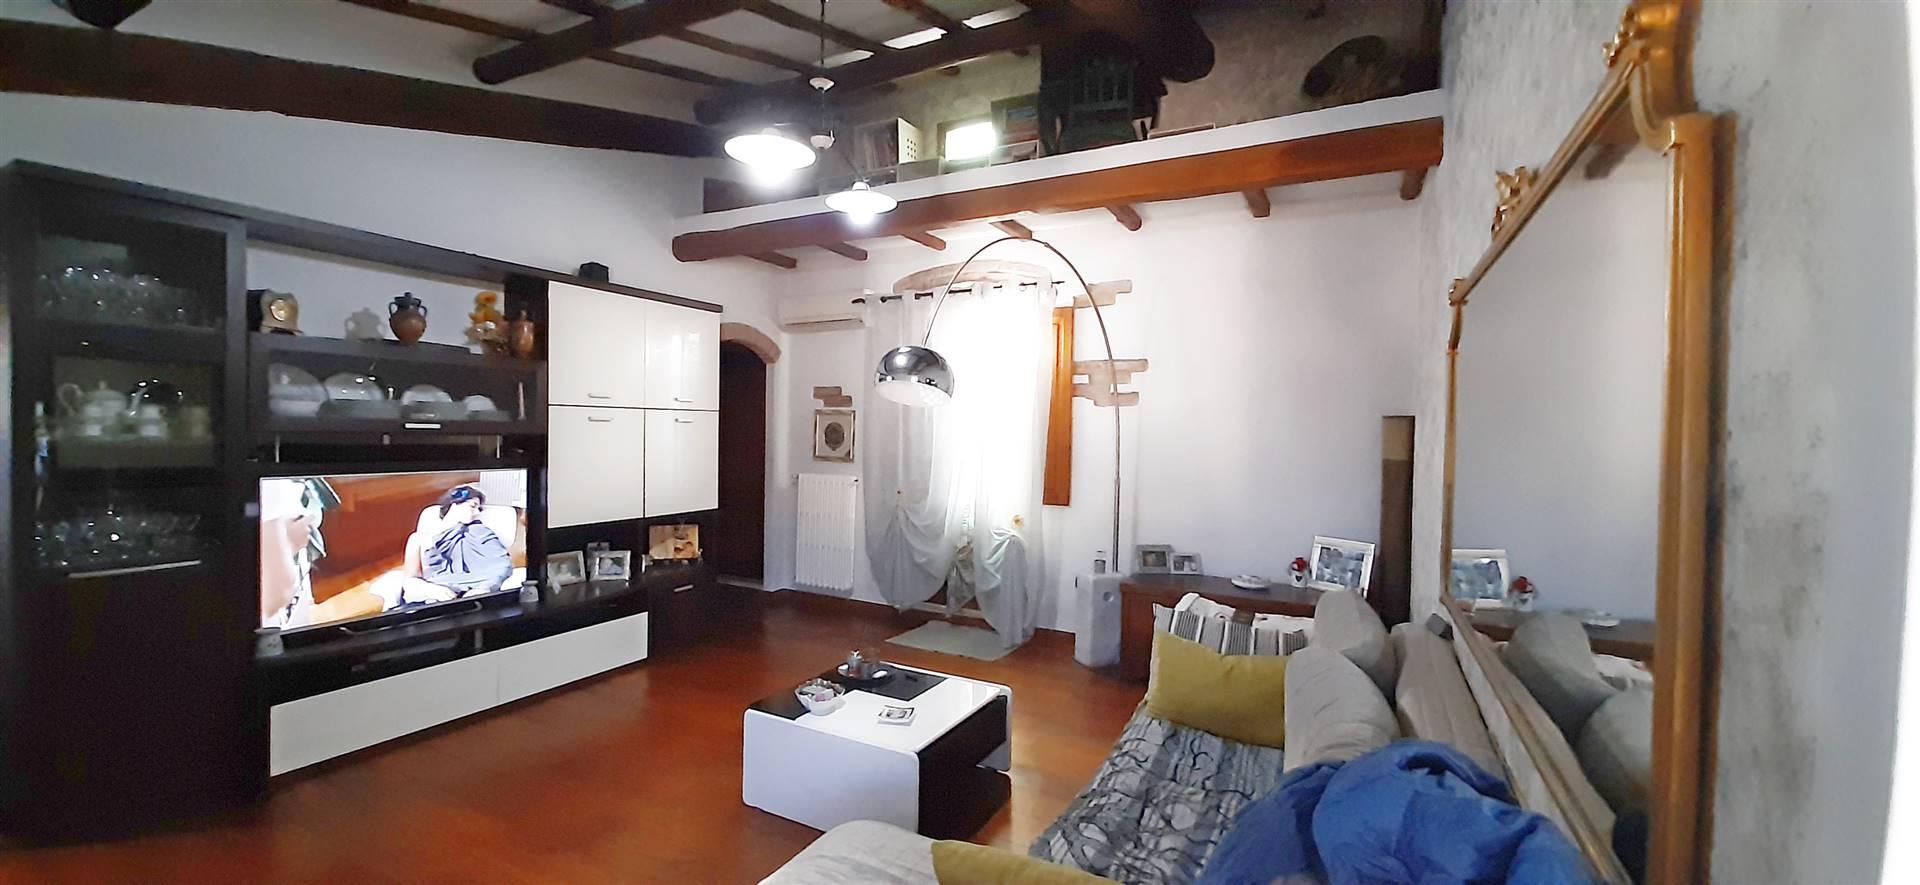 Appartamento in vendita a Pistoia, 5 locali, zona rale, prezzo € 200.000 | PortaleAgenzieImmobiliari.it